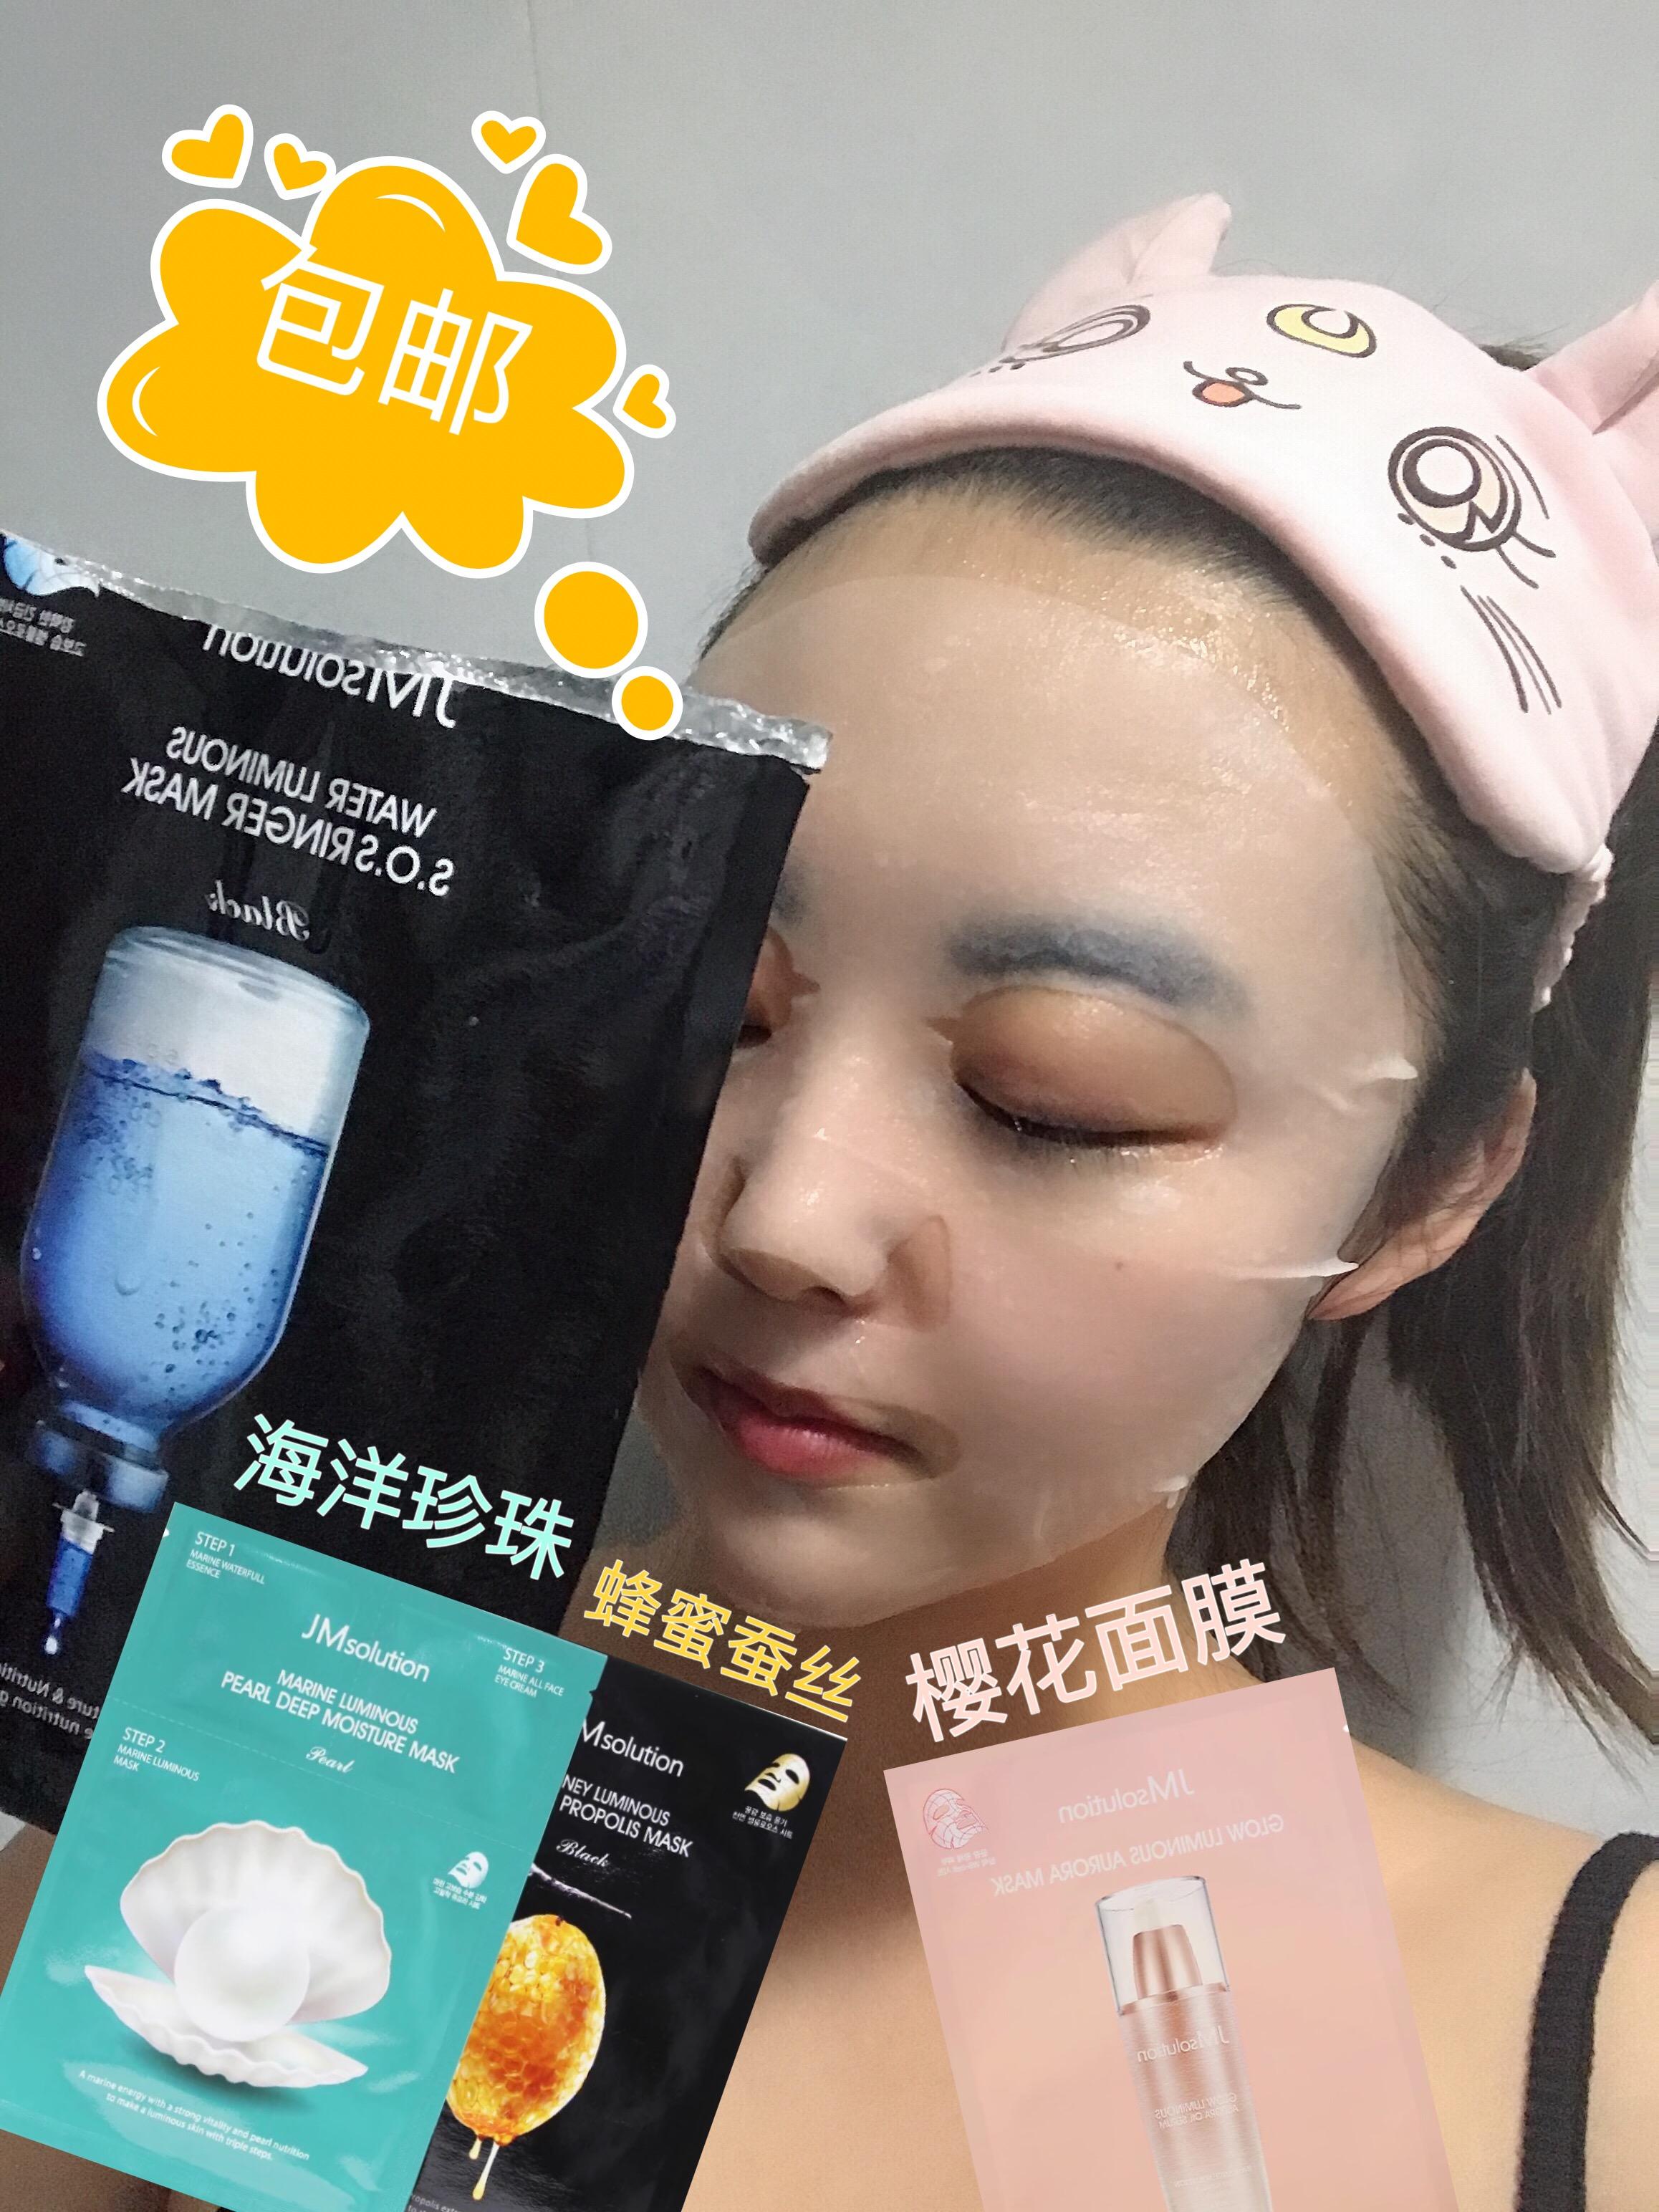 韩国jm solution蜂蜜蚕丝珍珠面膜